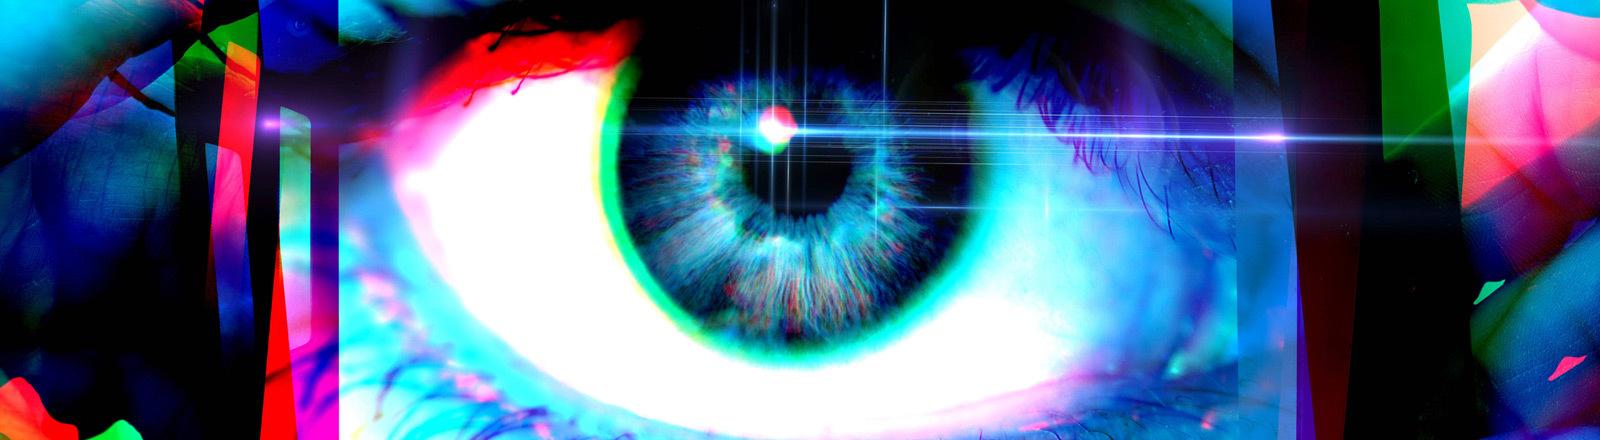 Ein Auge in Großaufnahme auf einem Smartphone-Display.